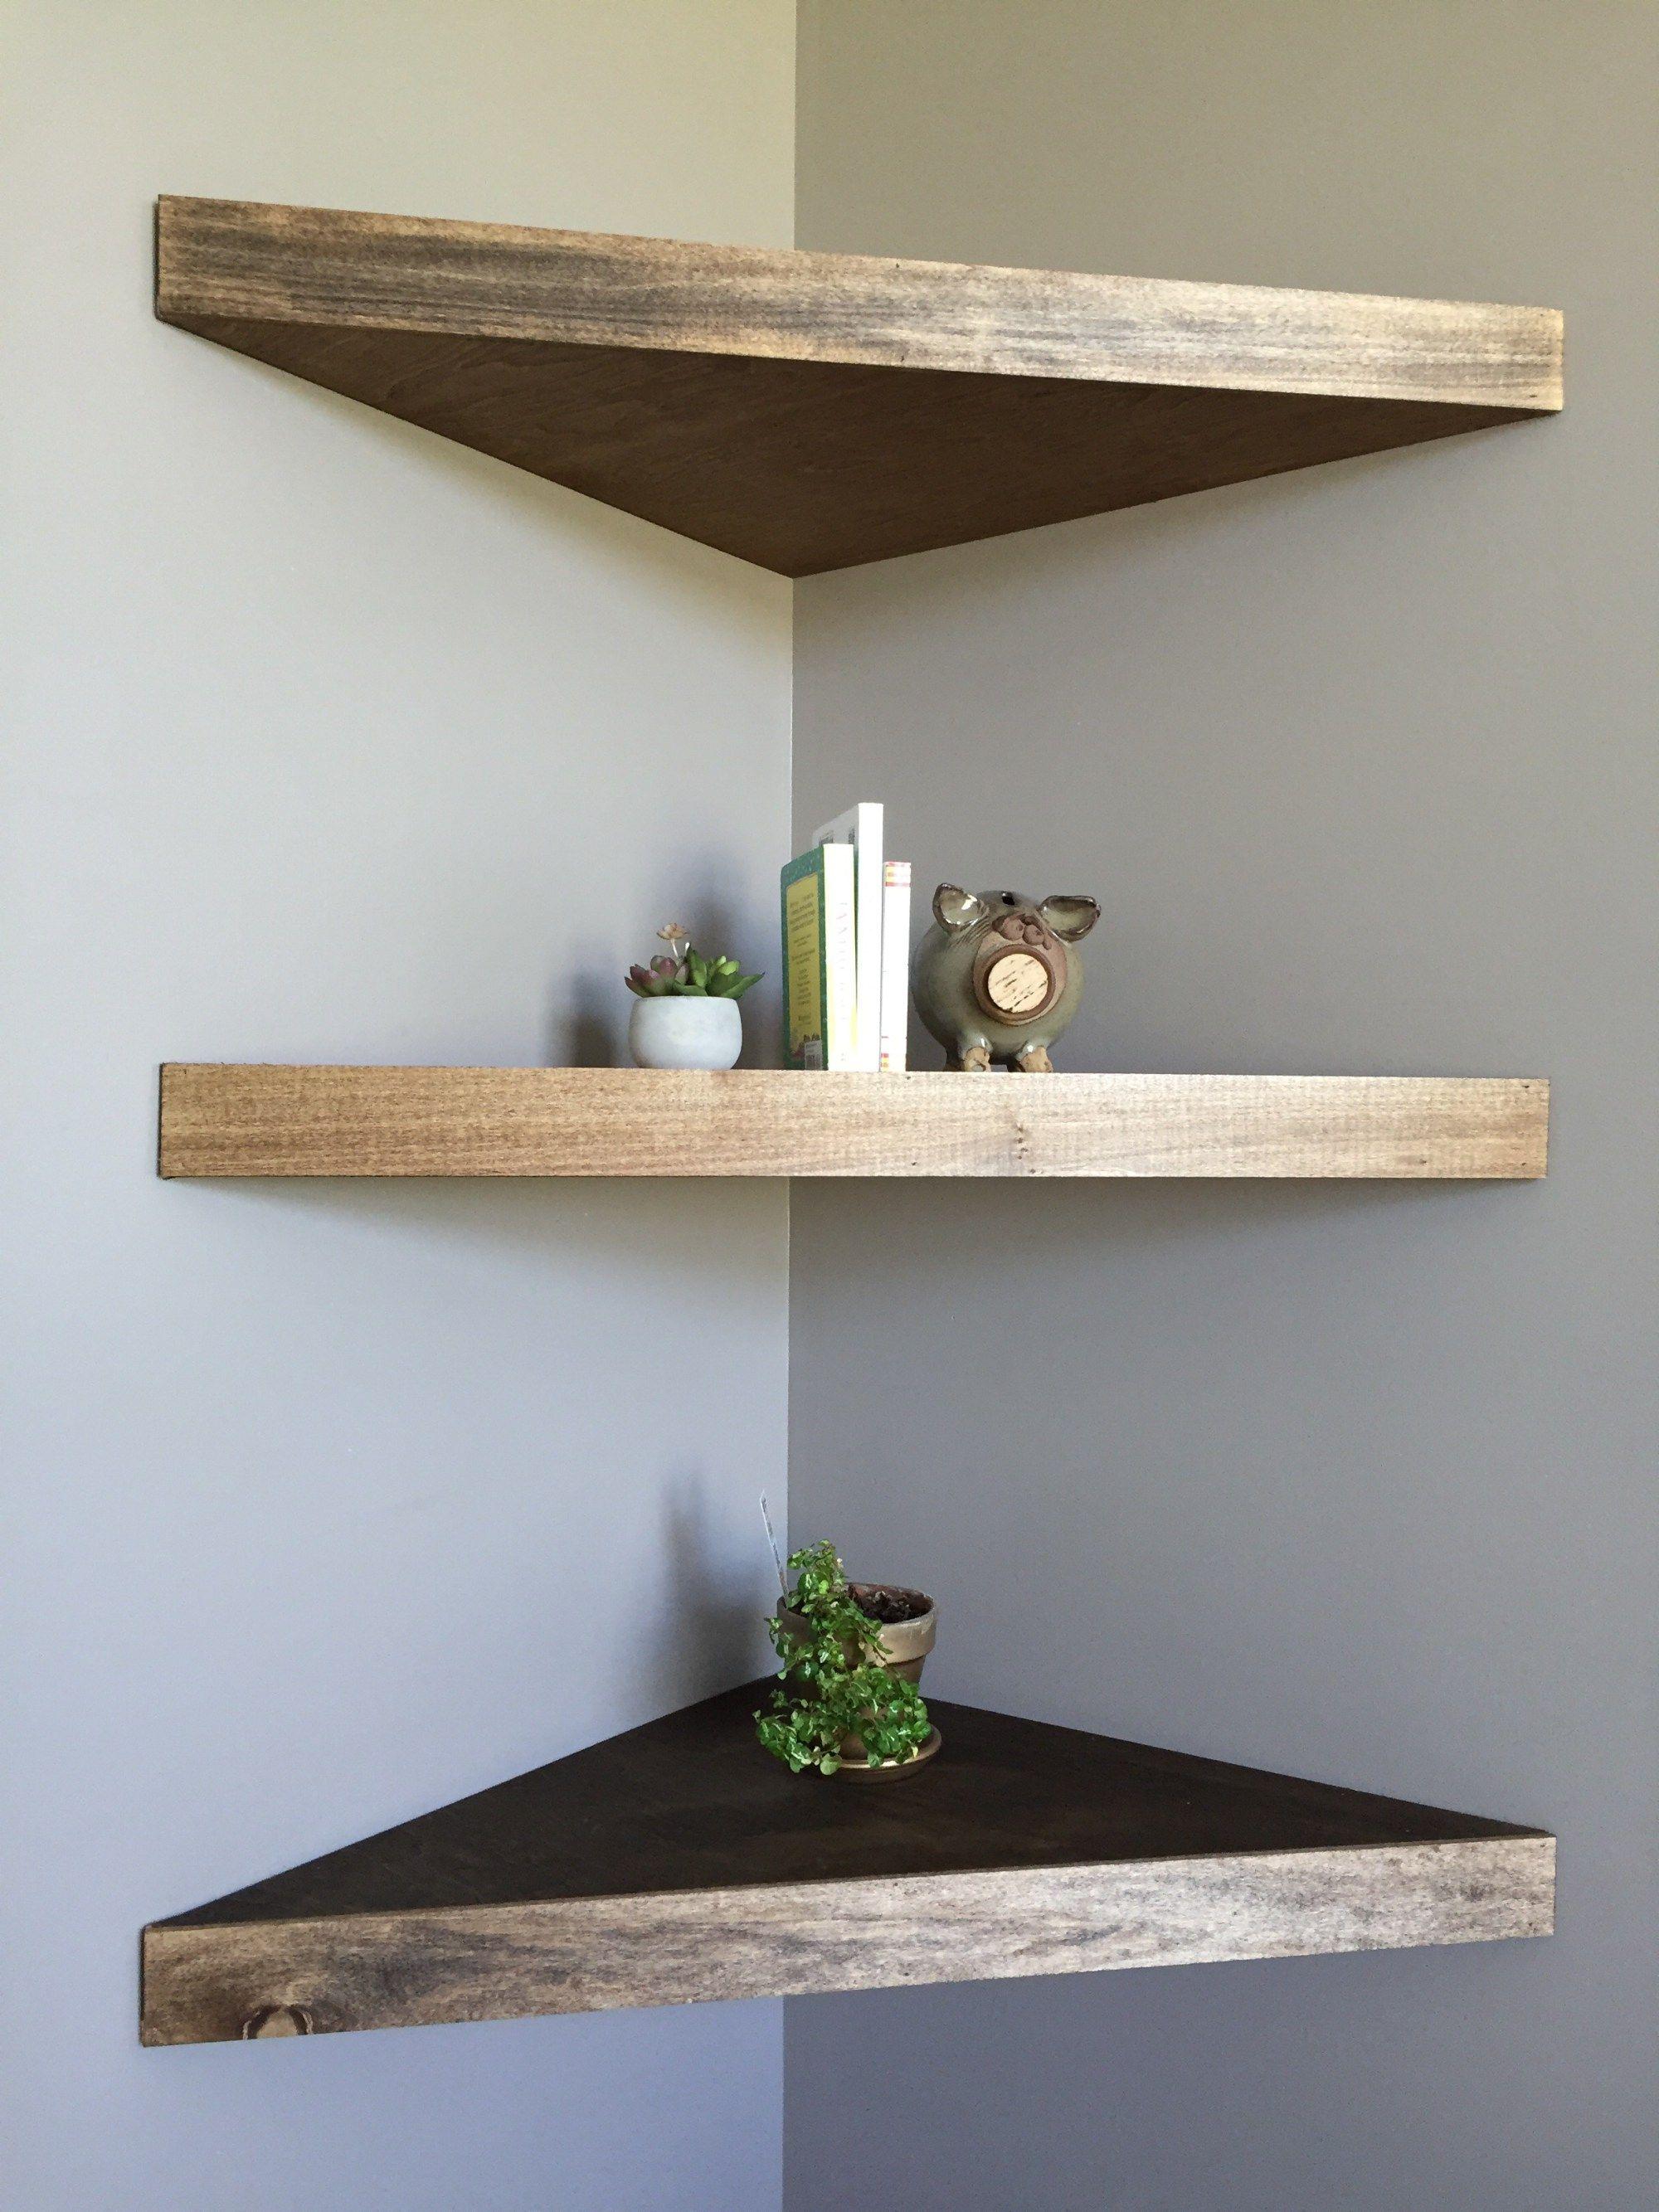 Diy Floating Corner Shelves For The Home Shelves